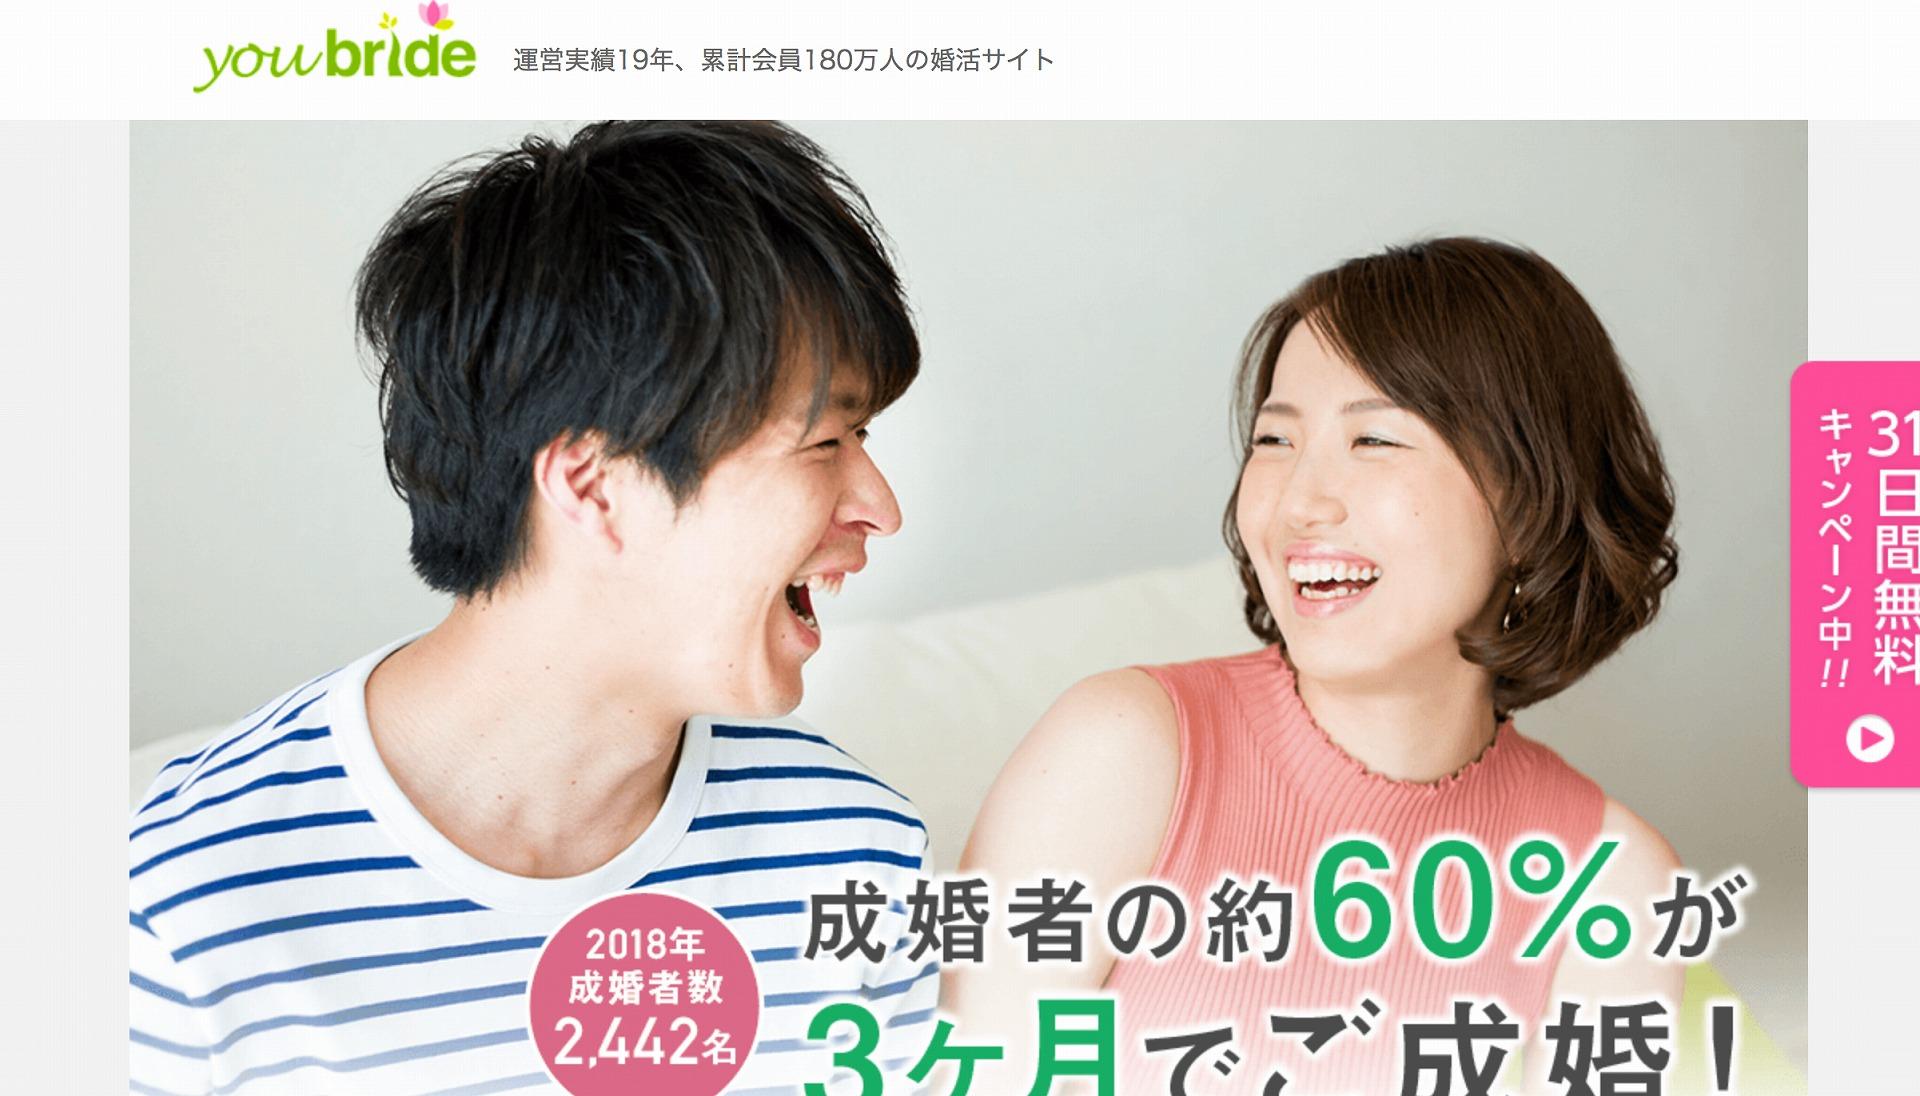 婚活サイトを探す50代におすすめの「ユーブライド」のHP